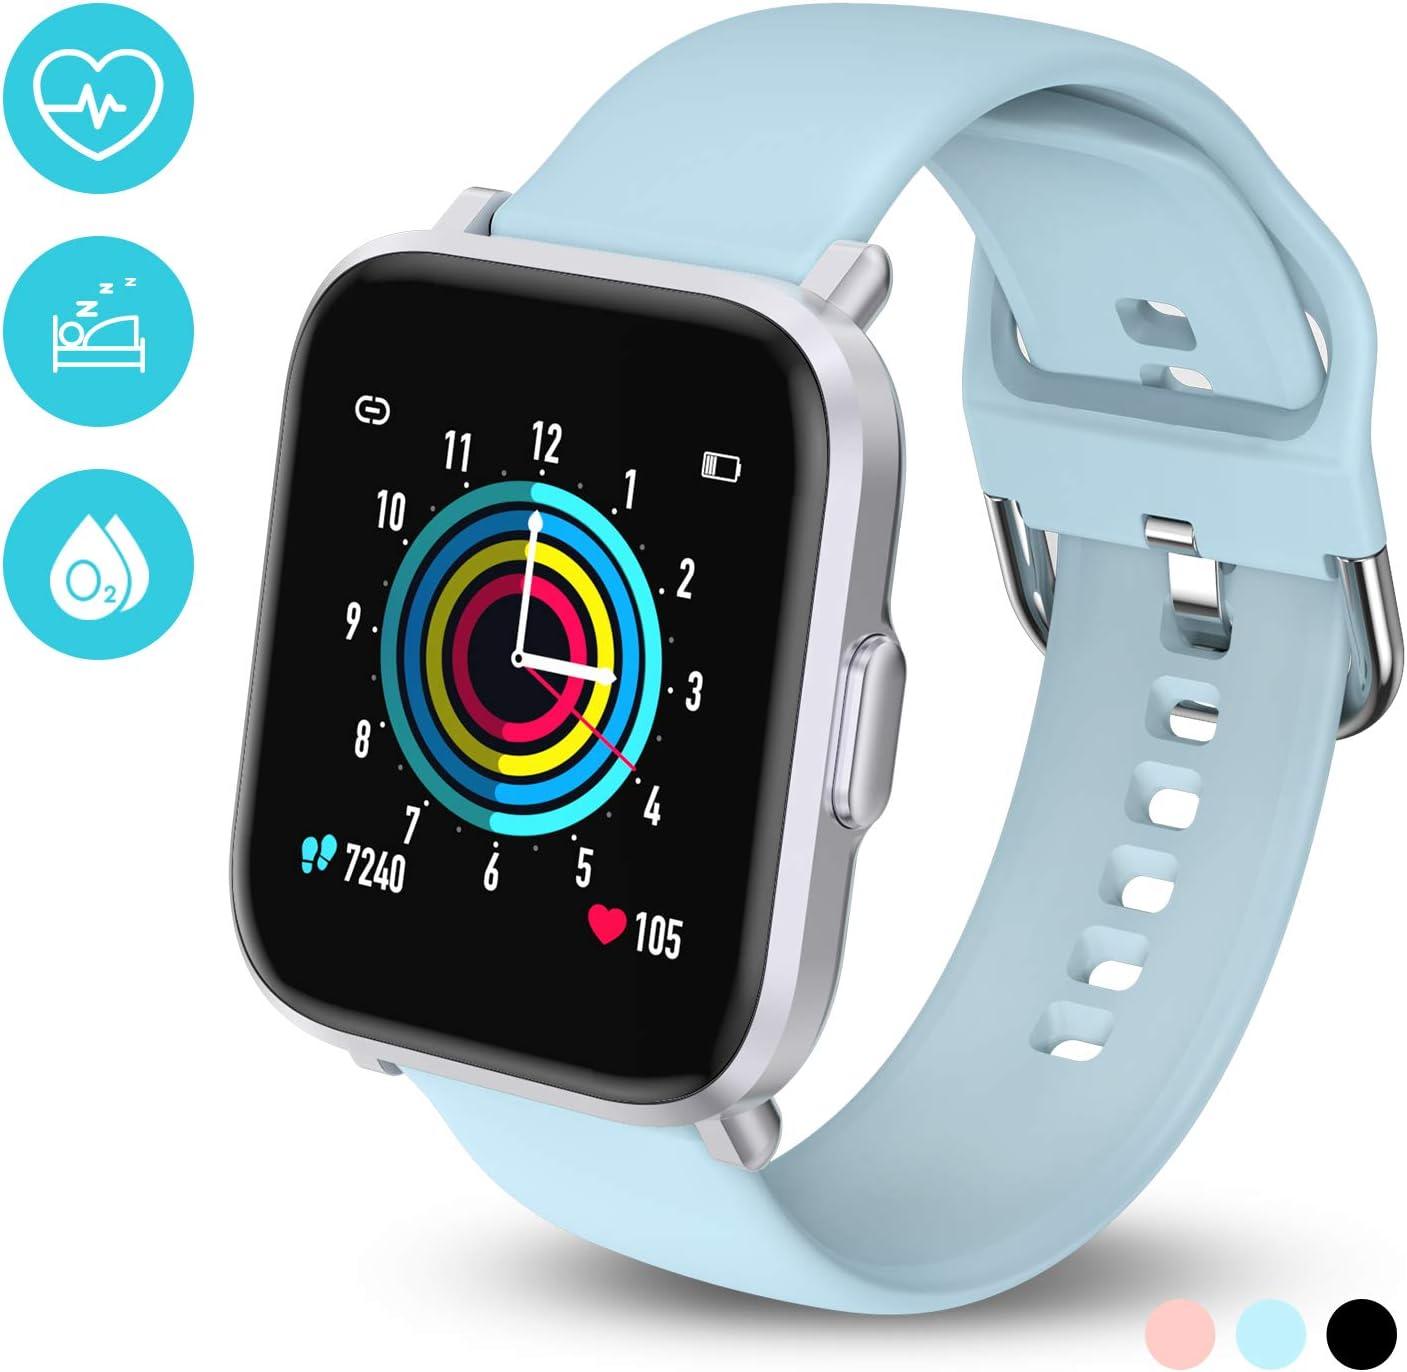 HolyHigh Smartwatch Reloj Inteligente Mujer Hombre Niño 18 Modos Deportivos Nadar Sueño REM SpO2 10 Días Autonomía 50M Impermeable Pulsera Actividad Pulsómetro Podómetro Brújula para Android iOS